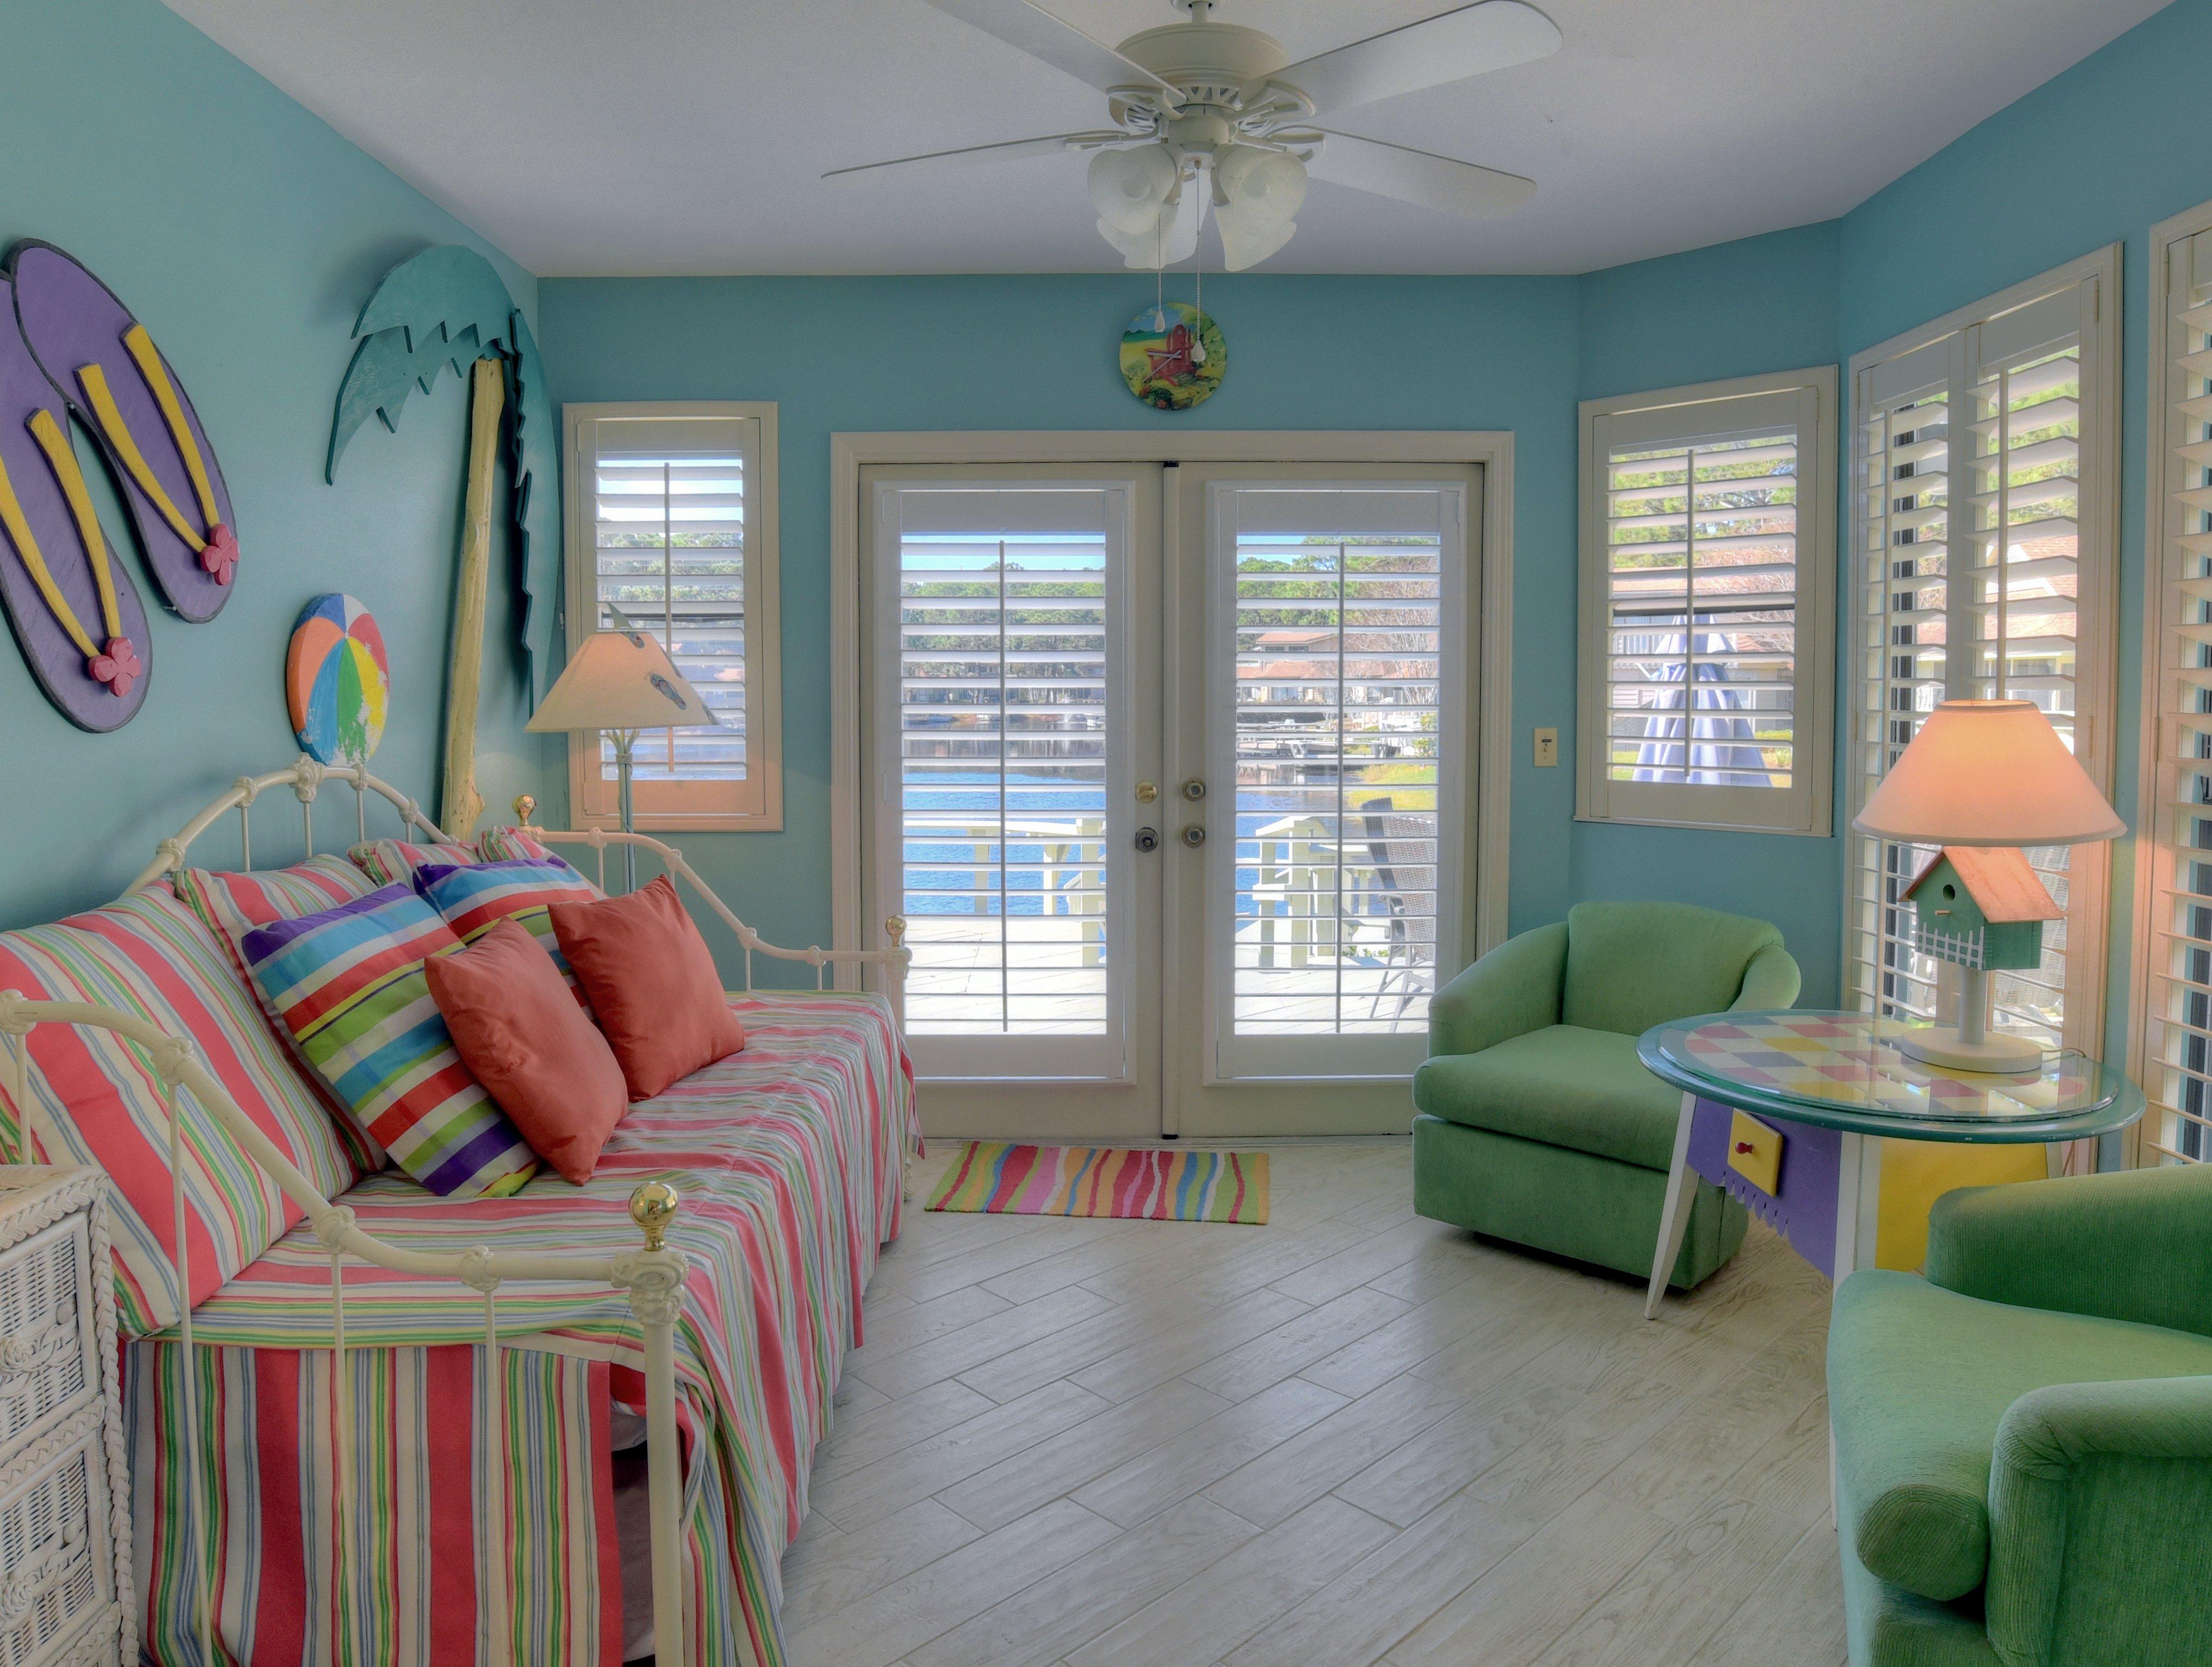 205 Fairways Condo rental in Sandestin Rentals ~ Cottages and Villas  in Destin Florida - #9